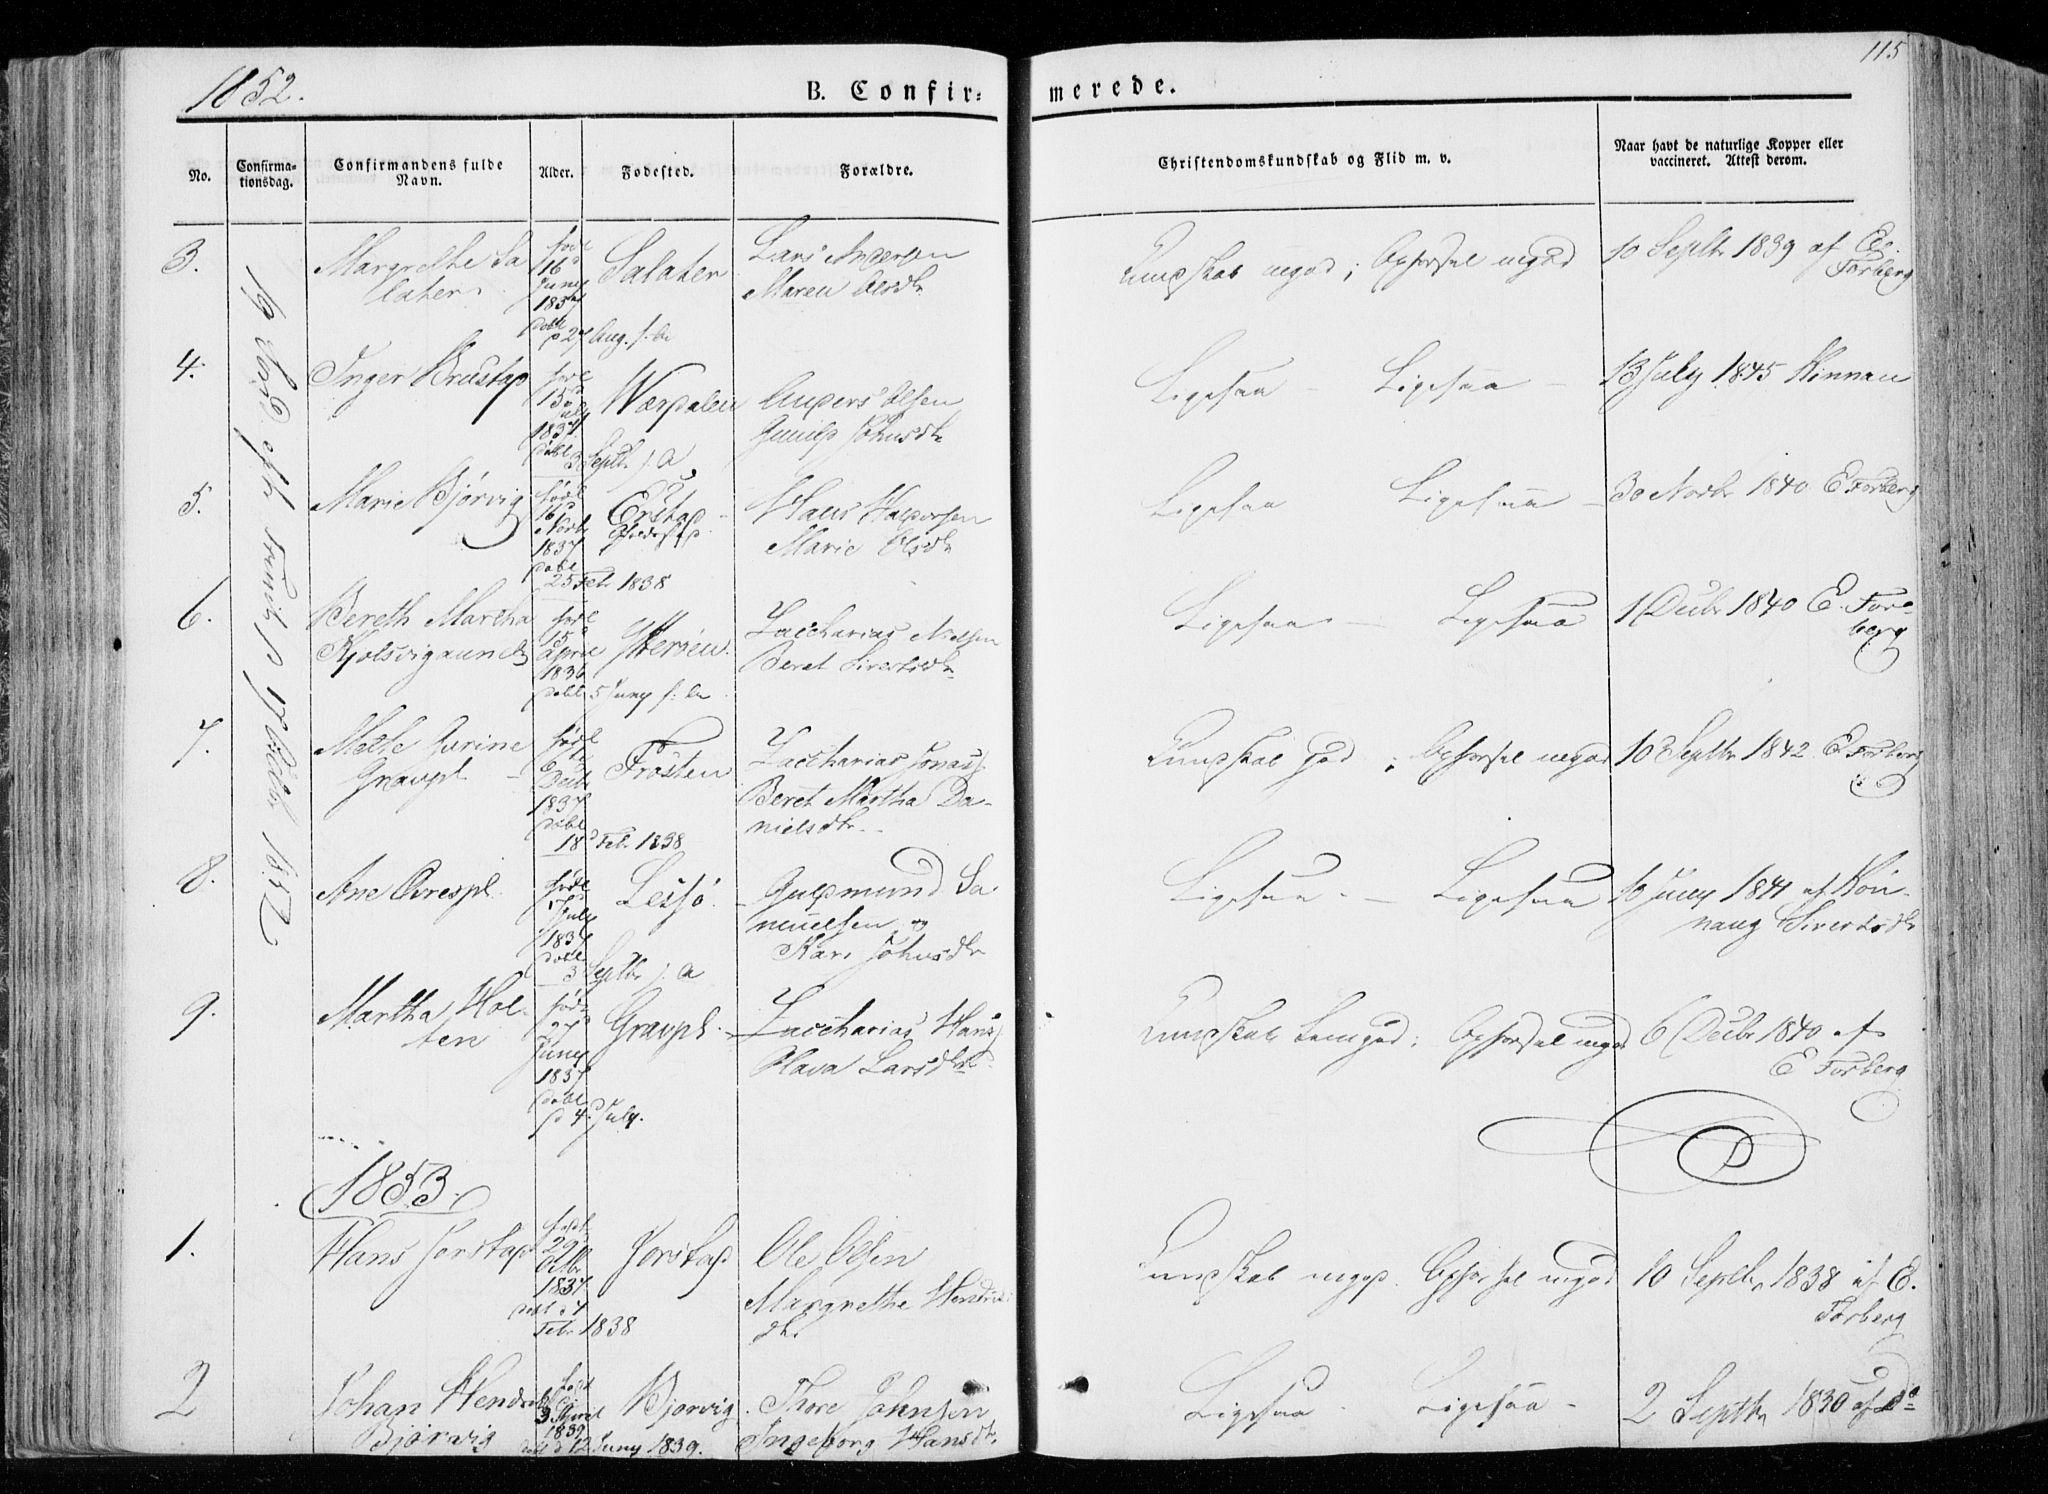 SAT, Ministerialprotokoller, klokkerbøker og fødselsregistre - Nord-Trøndelag, 722/L0218: Ministerialbok nr. 722A05, 1843-1868, s. 115